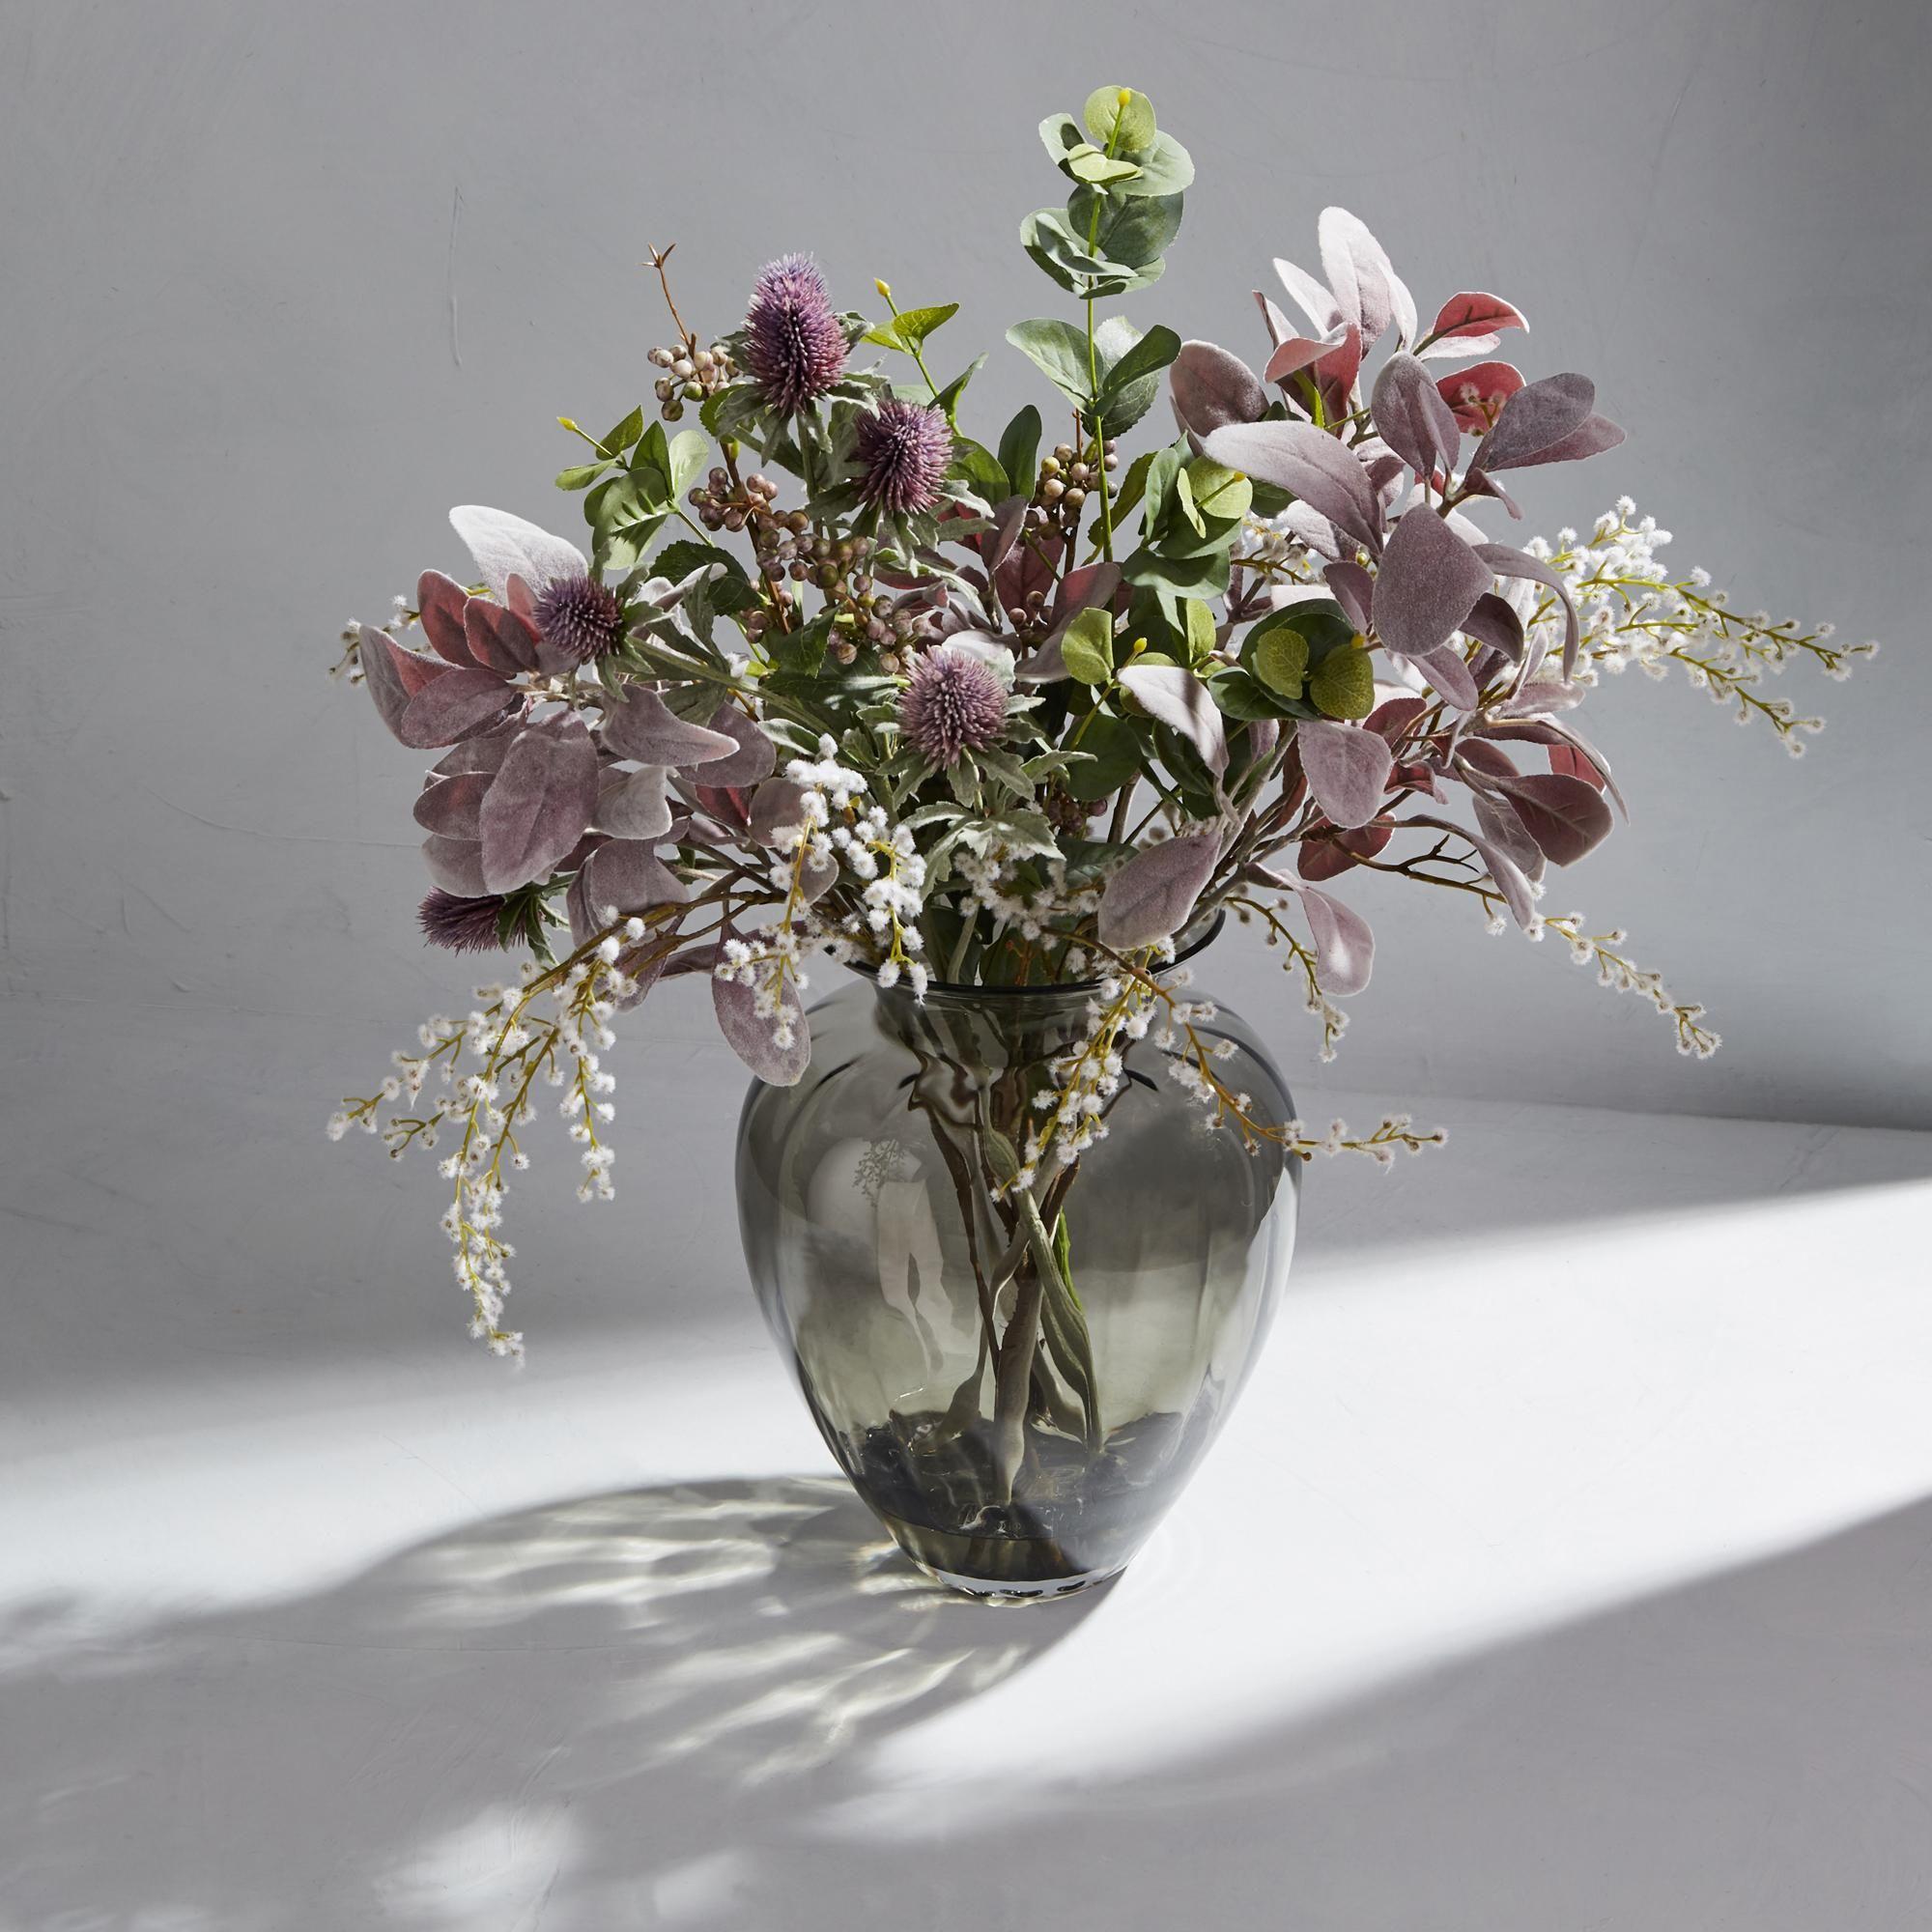 Dorma Floral Clear Lambs Ear And Thistle Arrangement Artificial Flower Arrangements Artificial Bouquet Vase